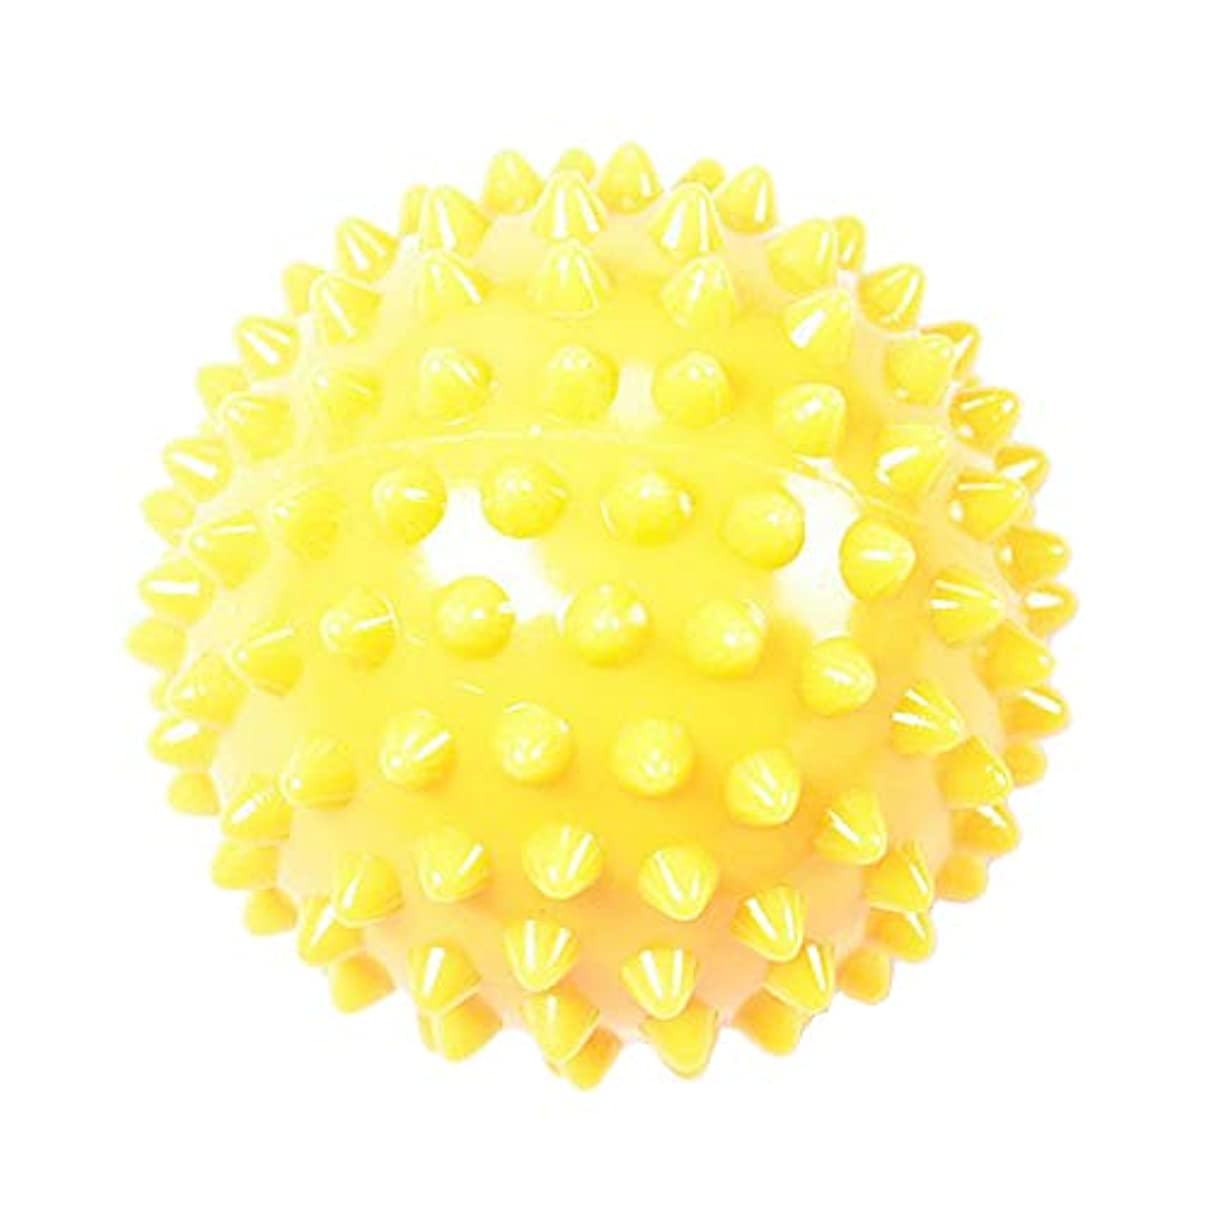 請う食欲引っ張るマッサージボール マッサージャー ポケットサイズ トリガーポイント リリースボール 直径7CM